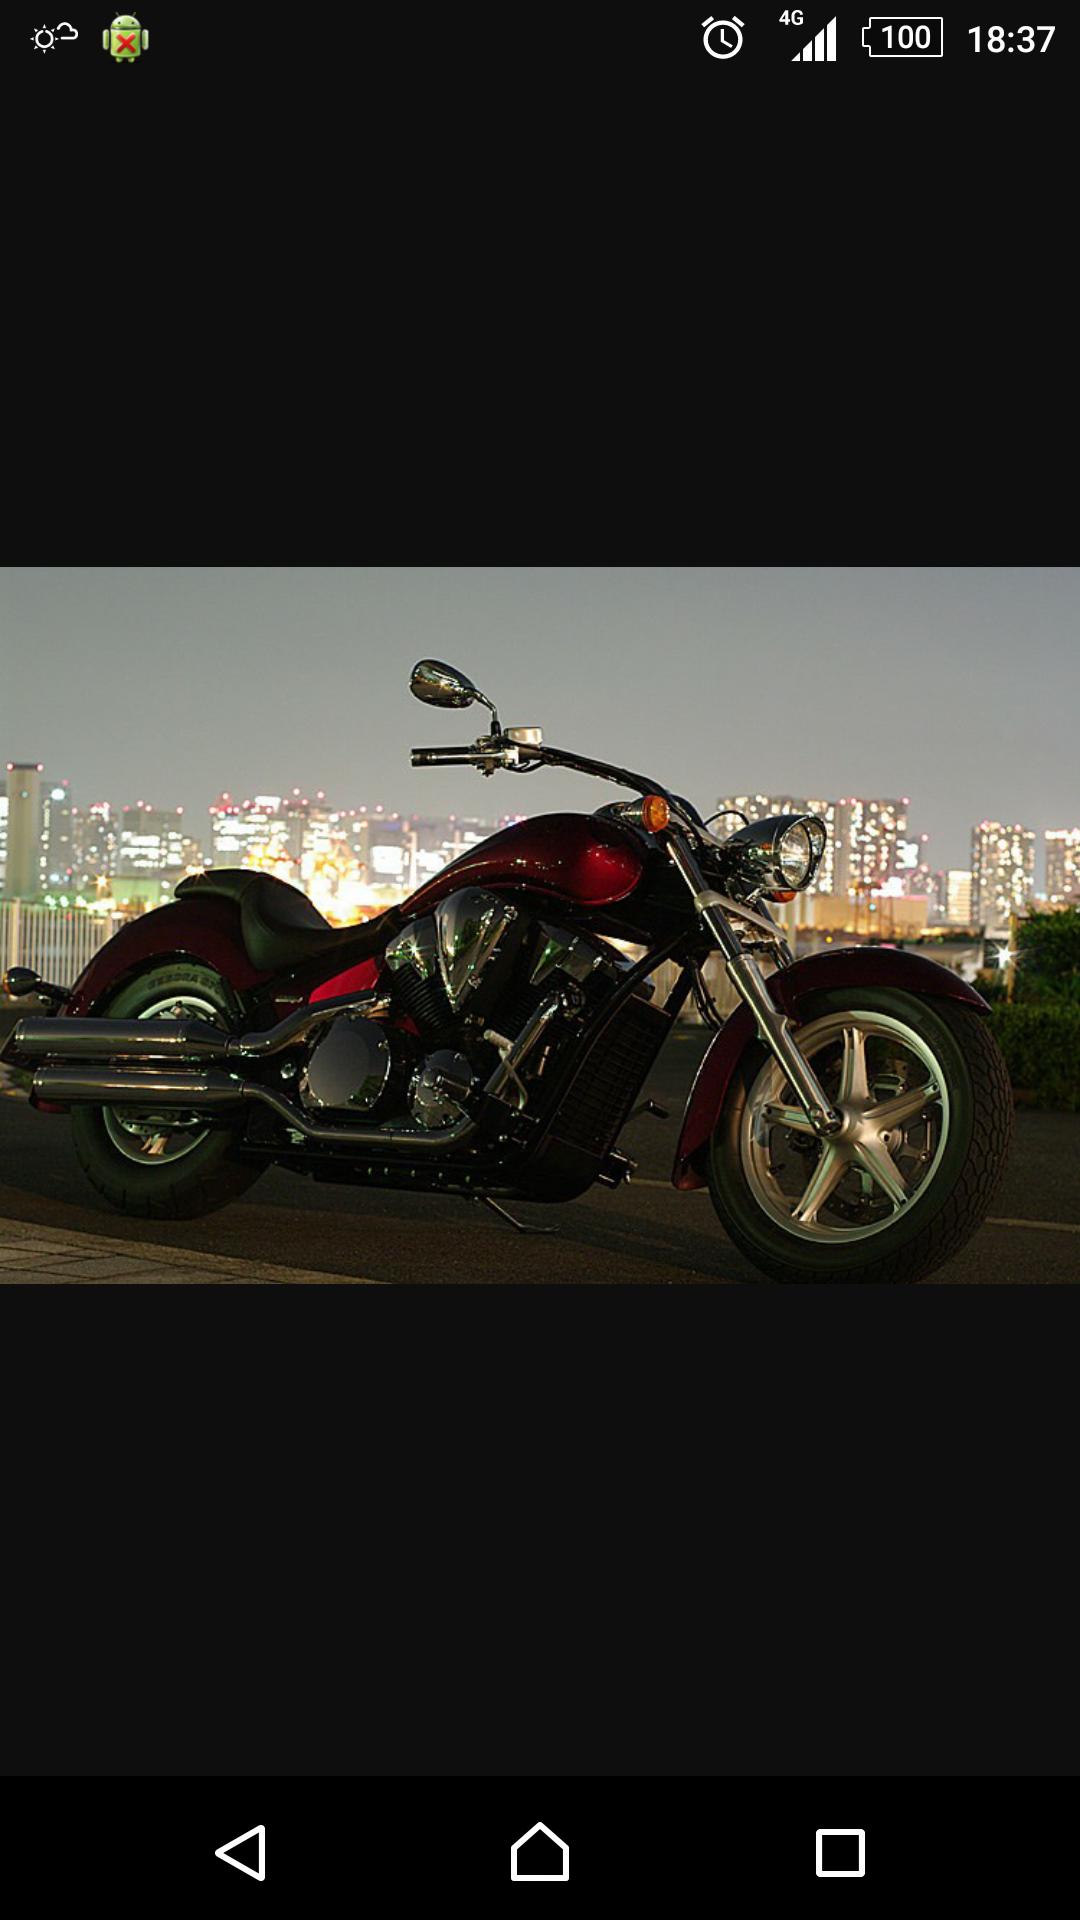 バイク乗り(もしくは興味あり)のガルちゃん民集合!